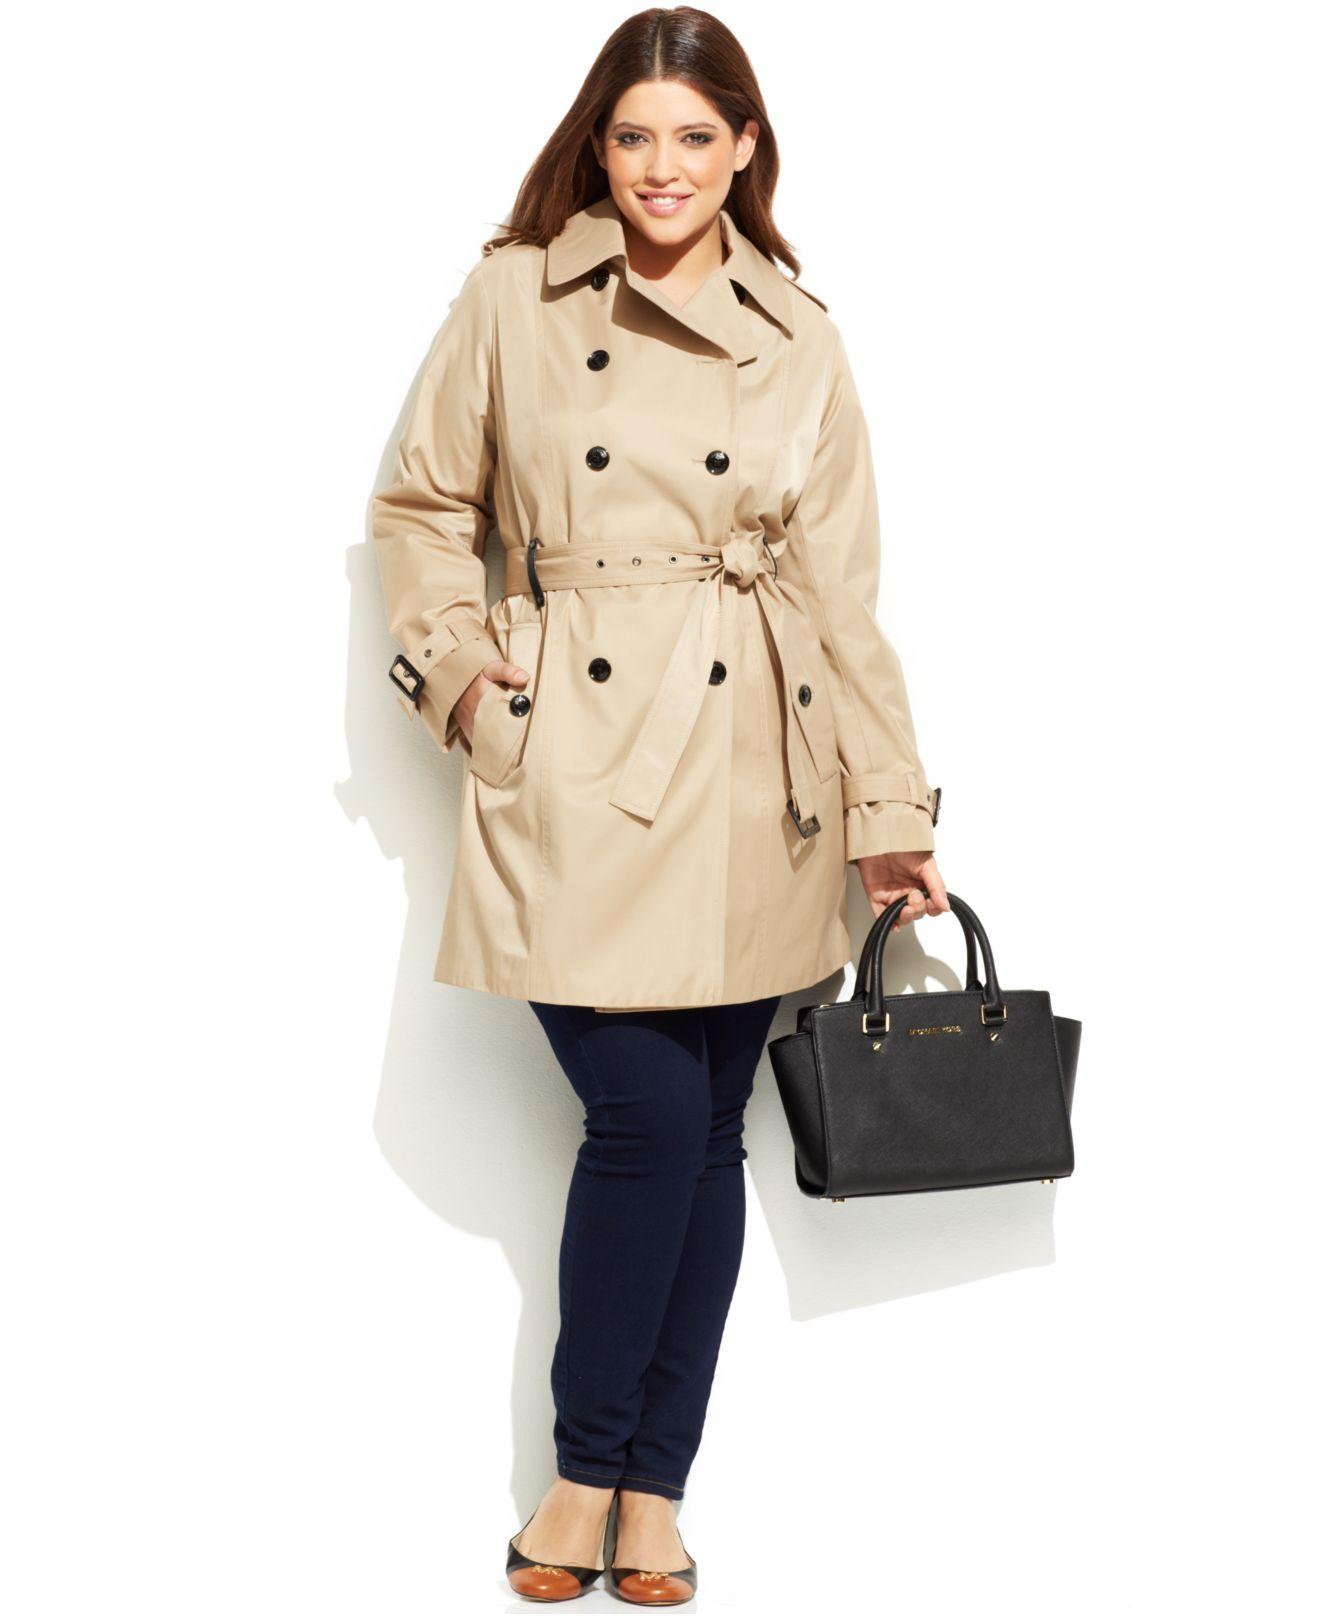 d5eeb4f3f0d Lyst Dkny Plus Size Maxi Trench Coat In Black